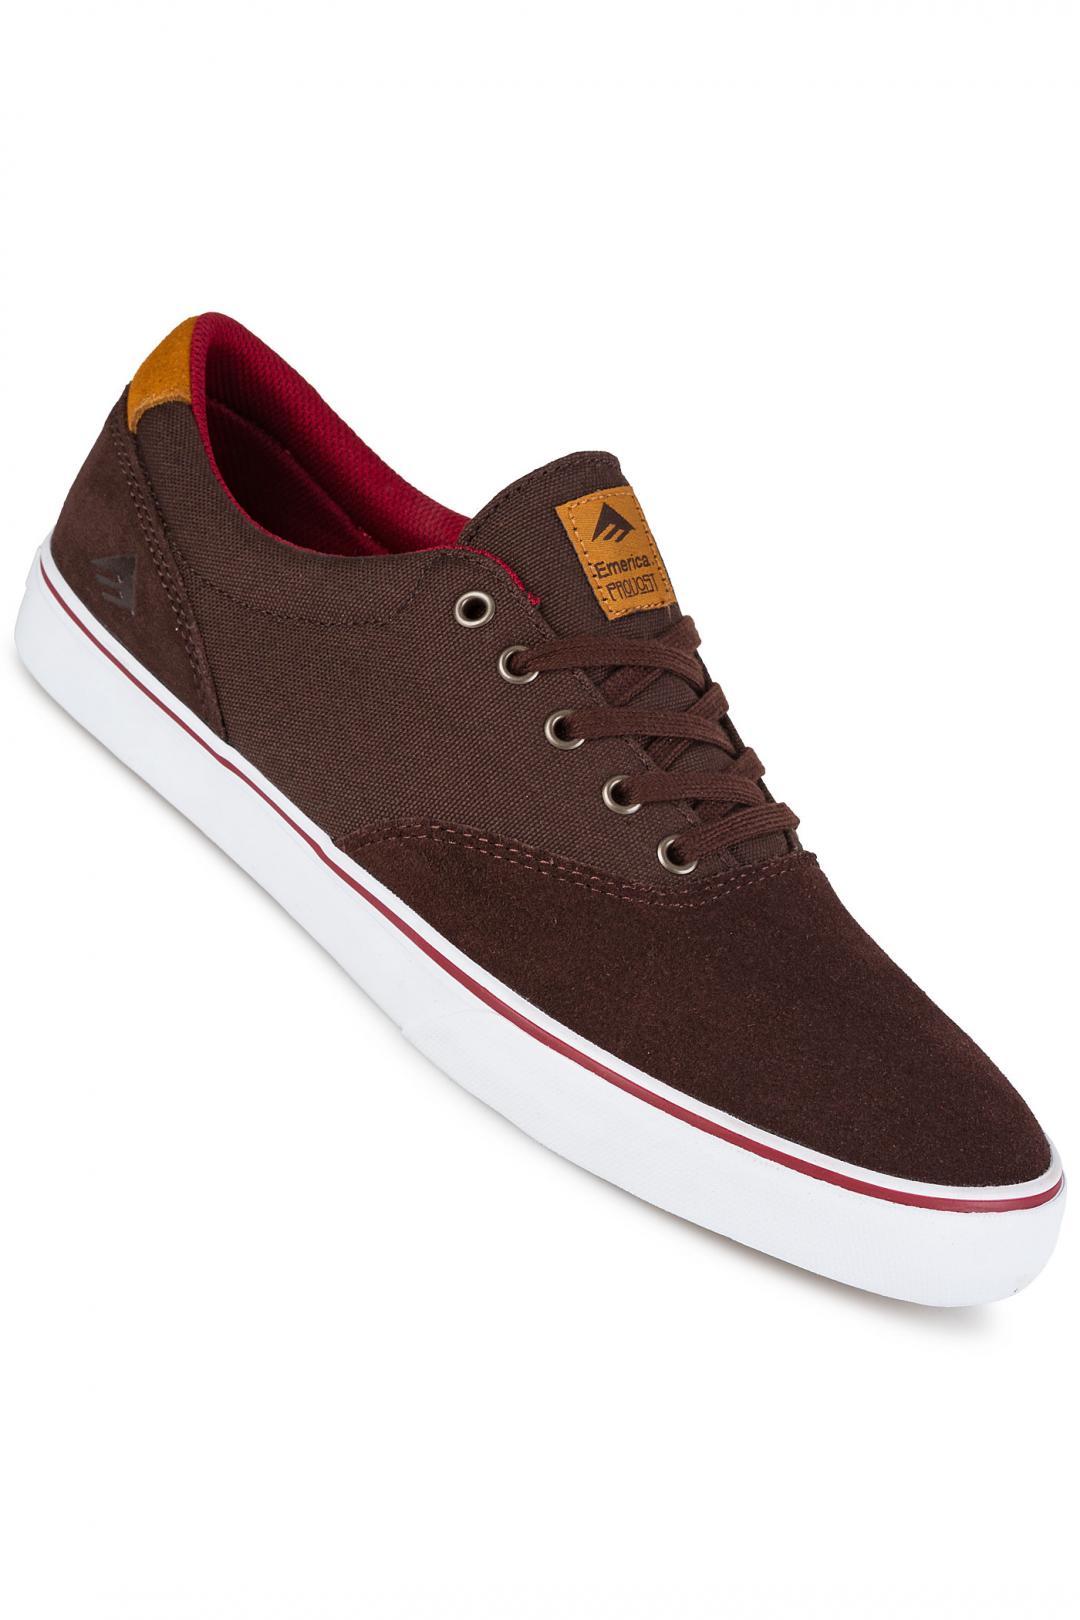 Uomo Emerica The Provost Slim Vulc brown white   Sneaker